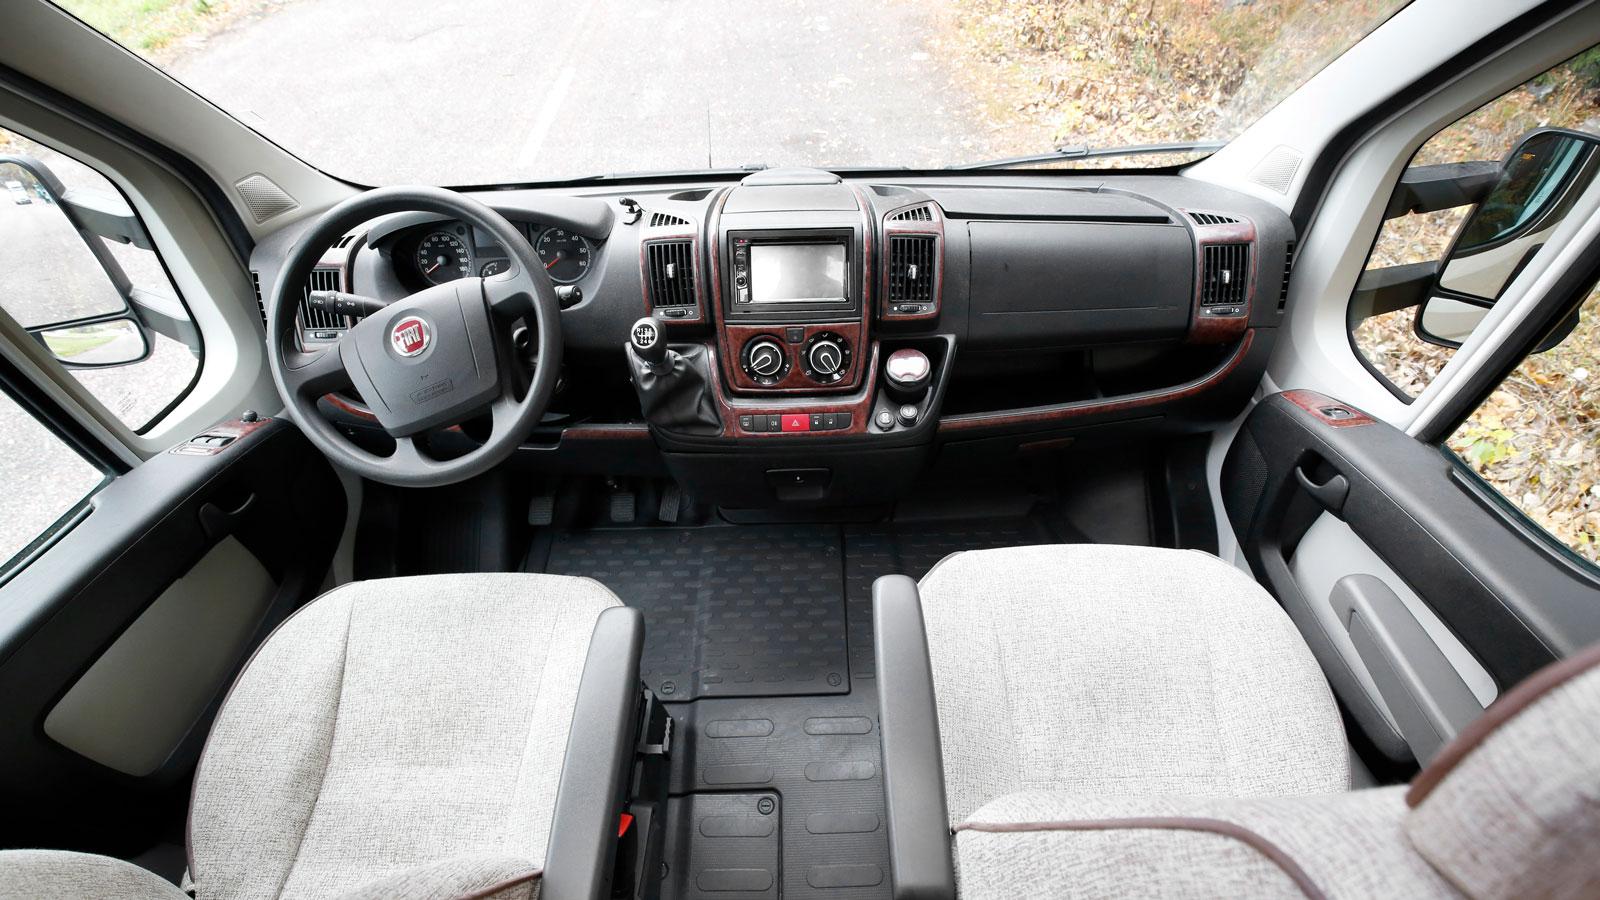 Det mesta är bekant för den som kört en husbil baserad på Fiat Ducato. Trädekor var ett tillval som fanns 2012.